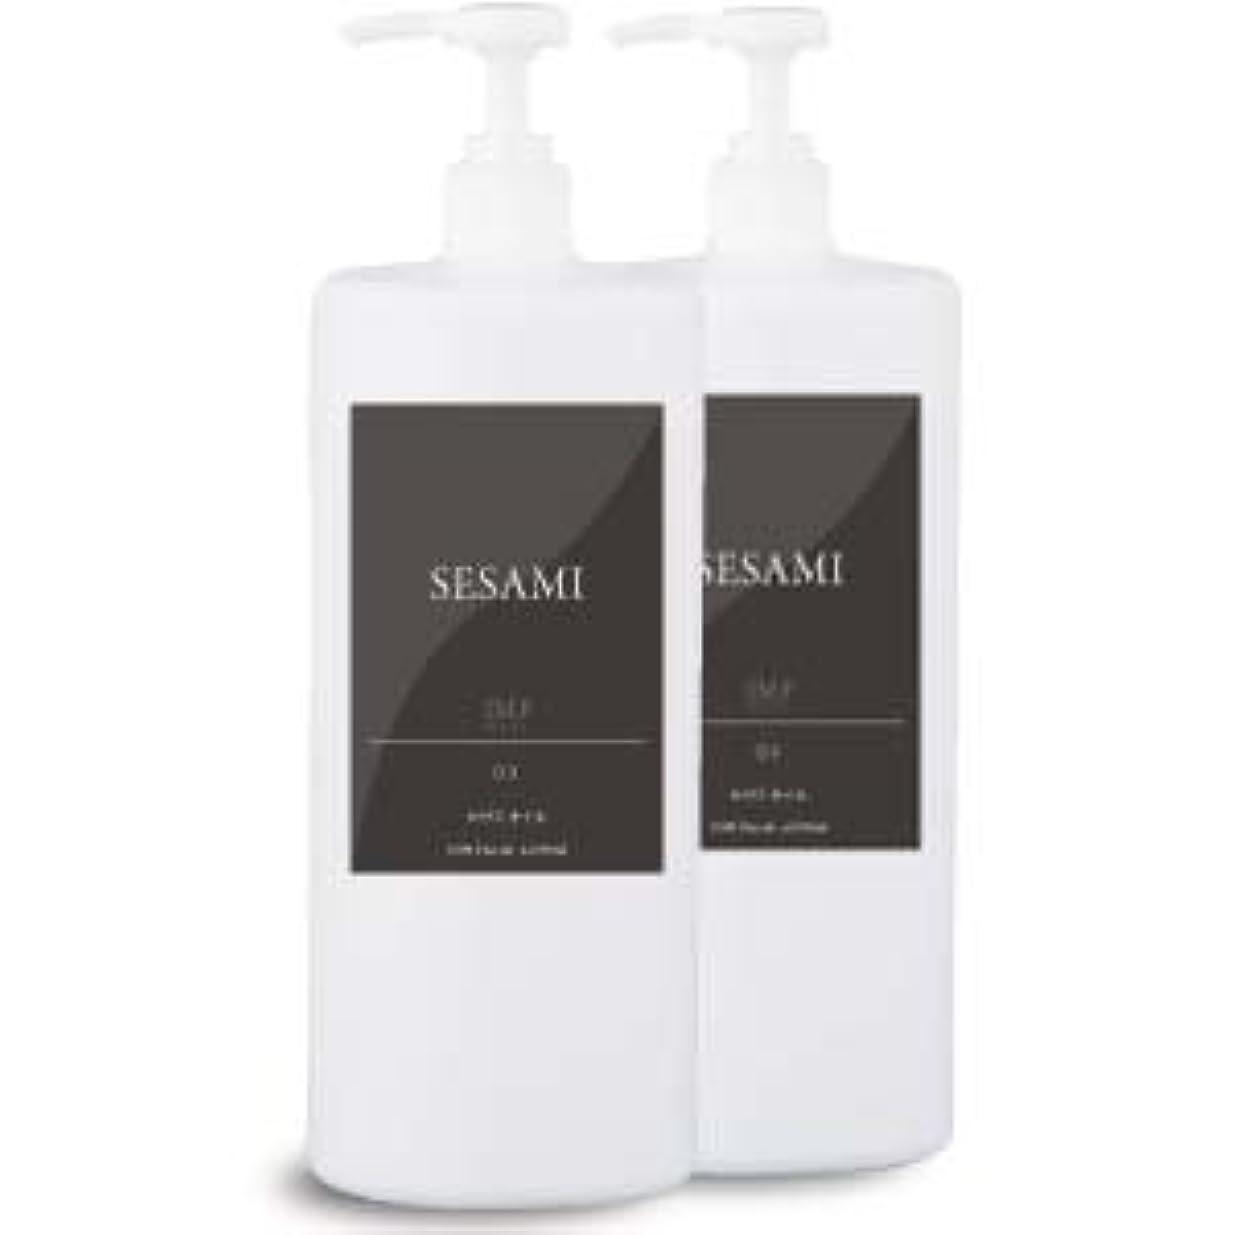 鮮やかな衣服雄弁酸化安定性の高い、マッサージオイル!代謝機能促進!セサミIMP 2本セット